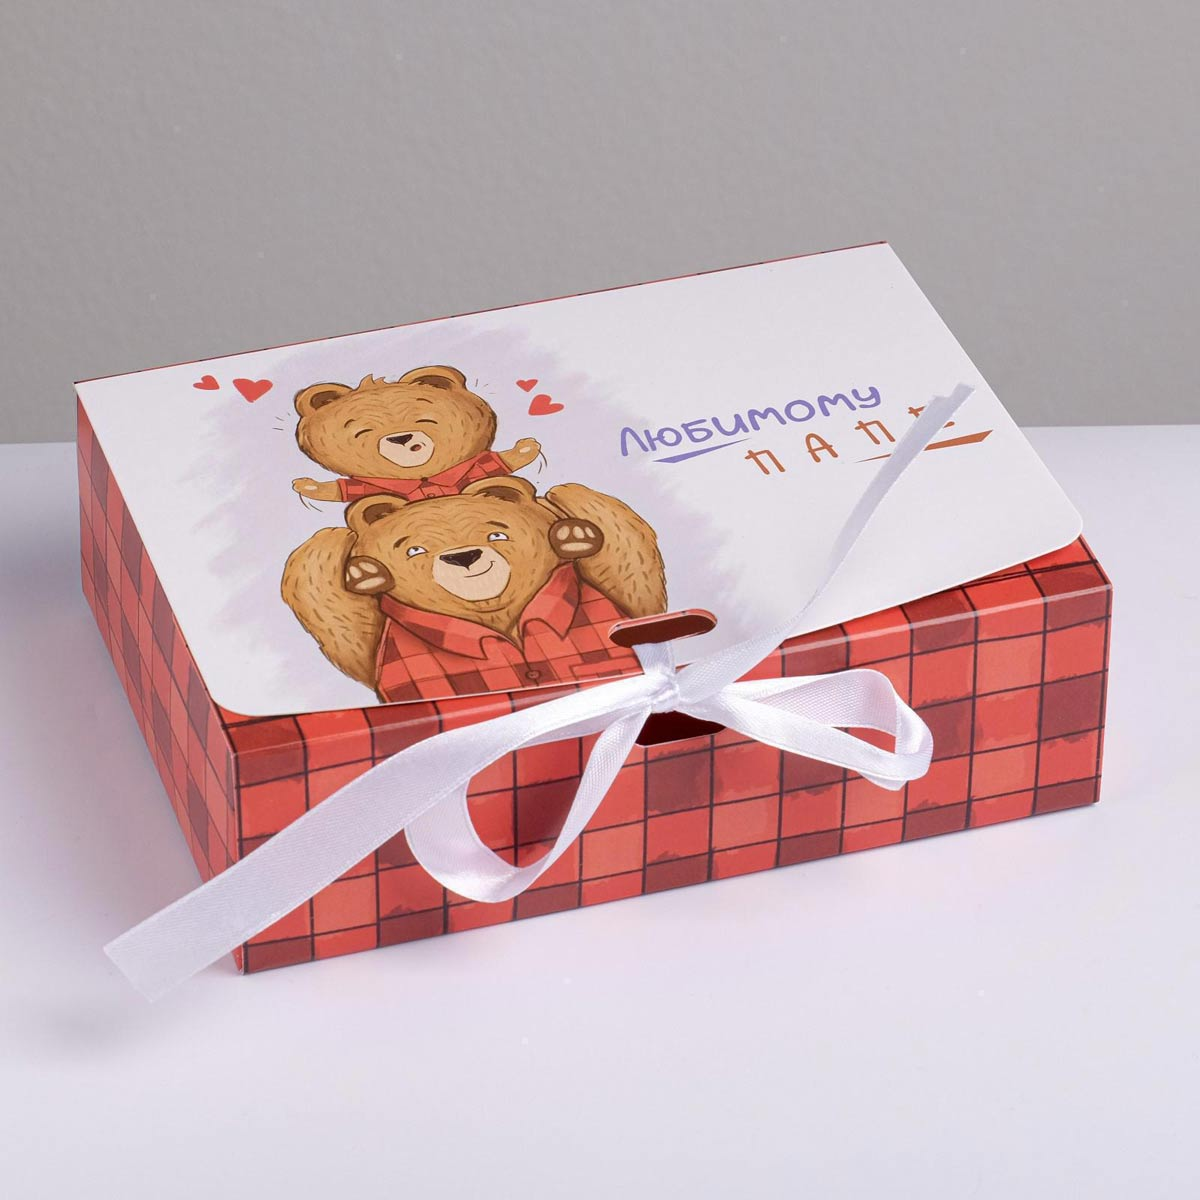 5231278 Коробка складная подарочная 'Любимому папе', 16.5*12.5*5 см